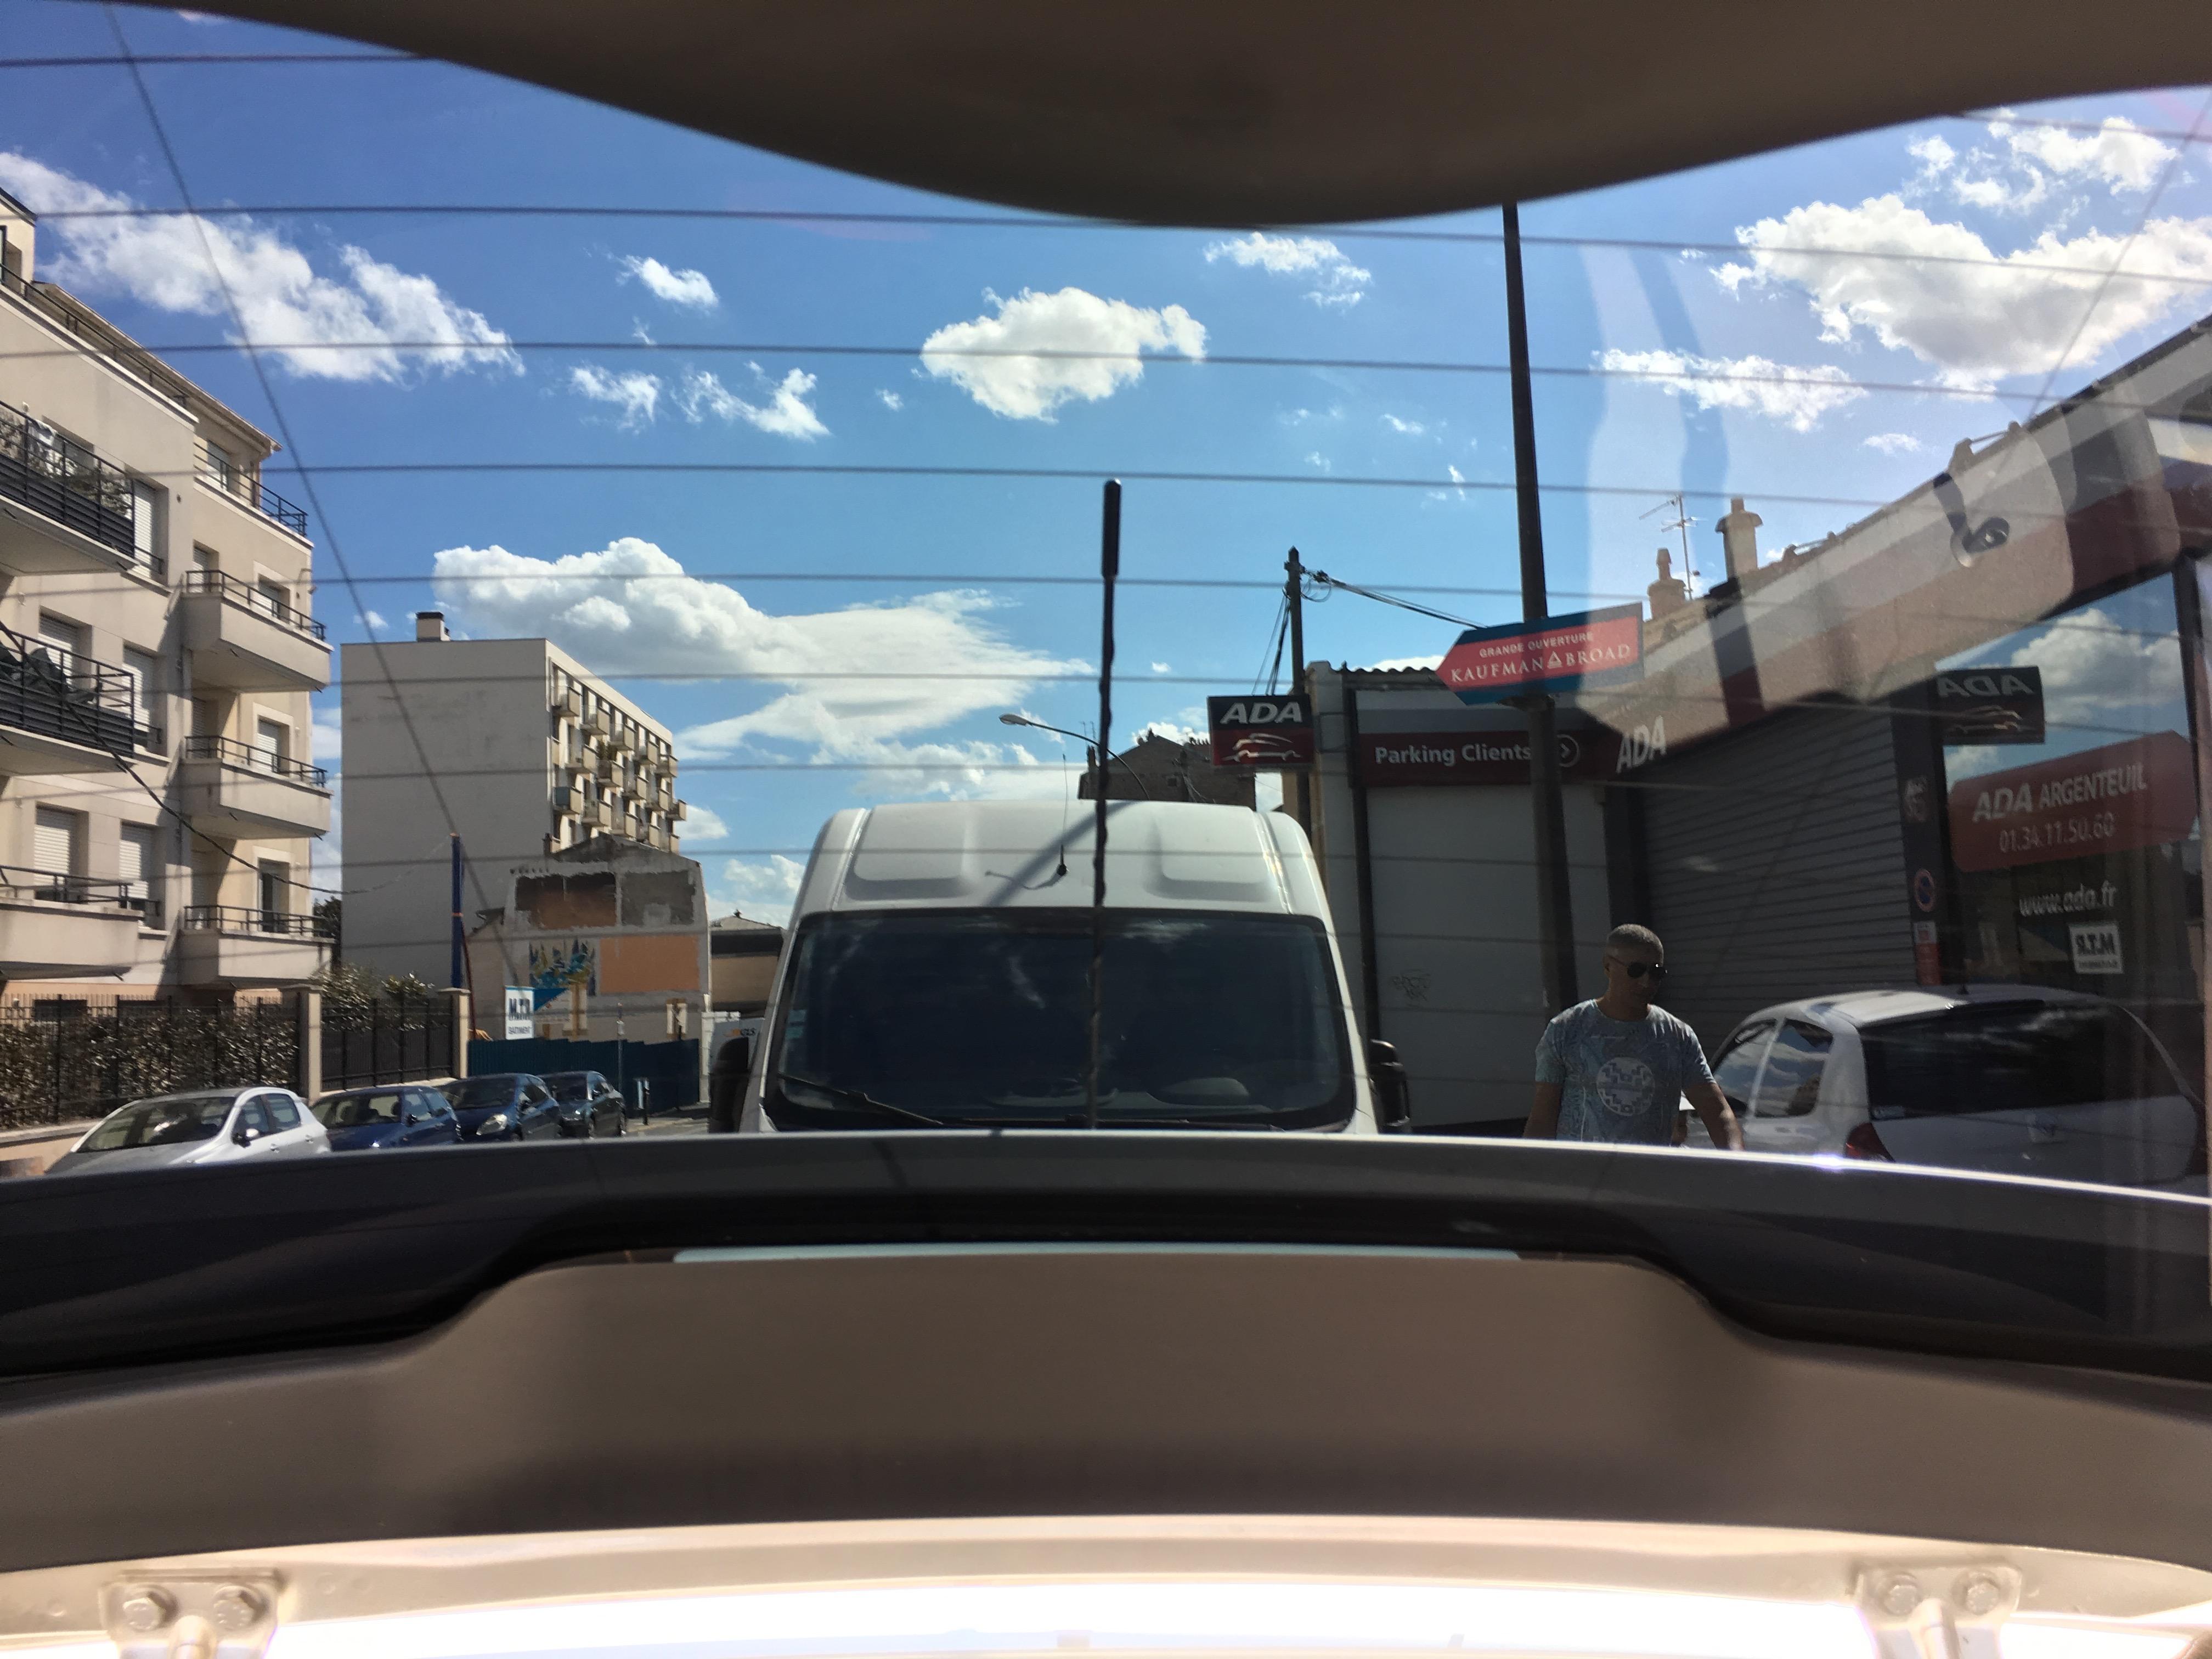 img 0613 vitre teint e automobile pose vitres teint es pour voiture autofilms sp cialise. Black Bedroom Furniture Sets. Home Design Ideas